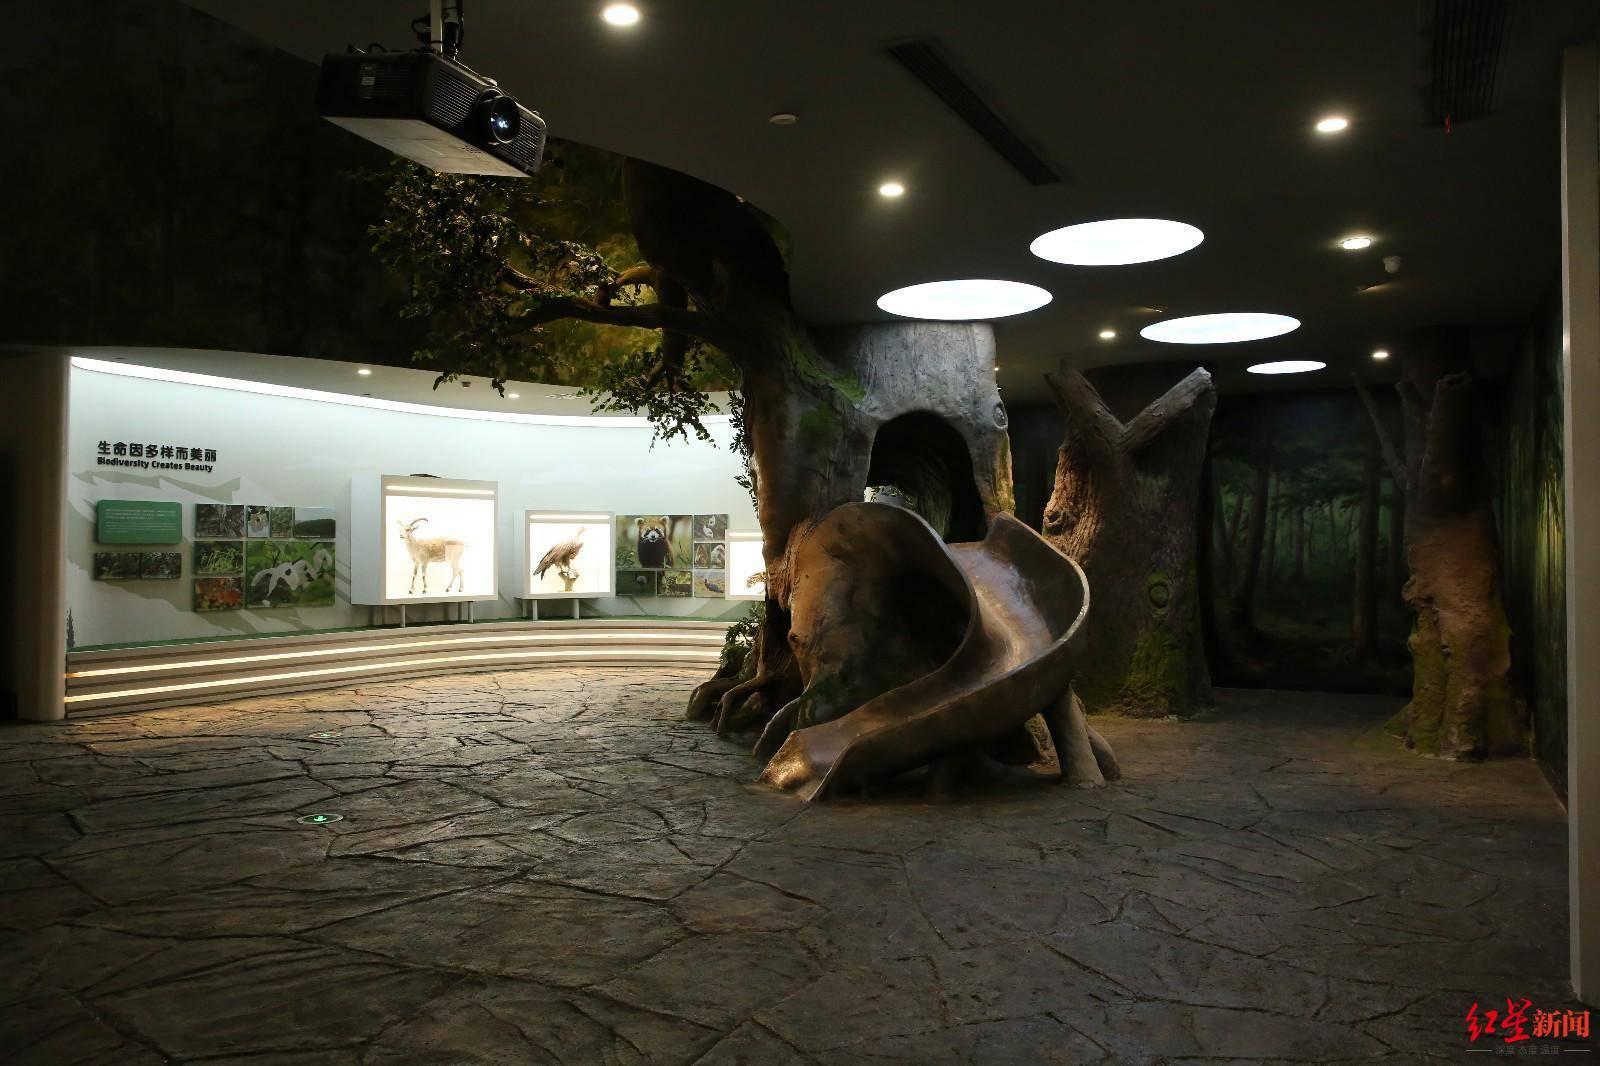 """""""成都大熊猫博物馆""""开启内部试运行!七大展区,预计元旦前后对公展出"""